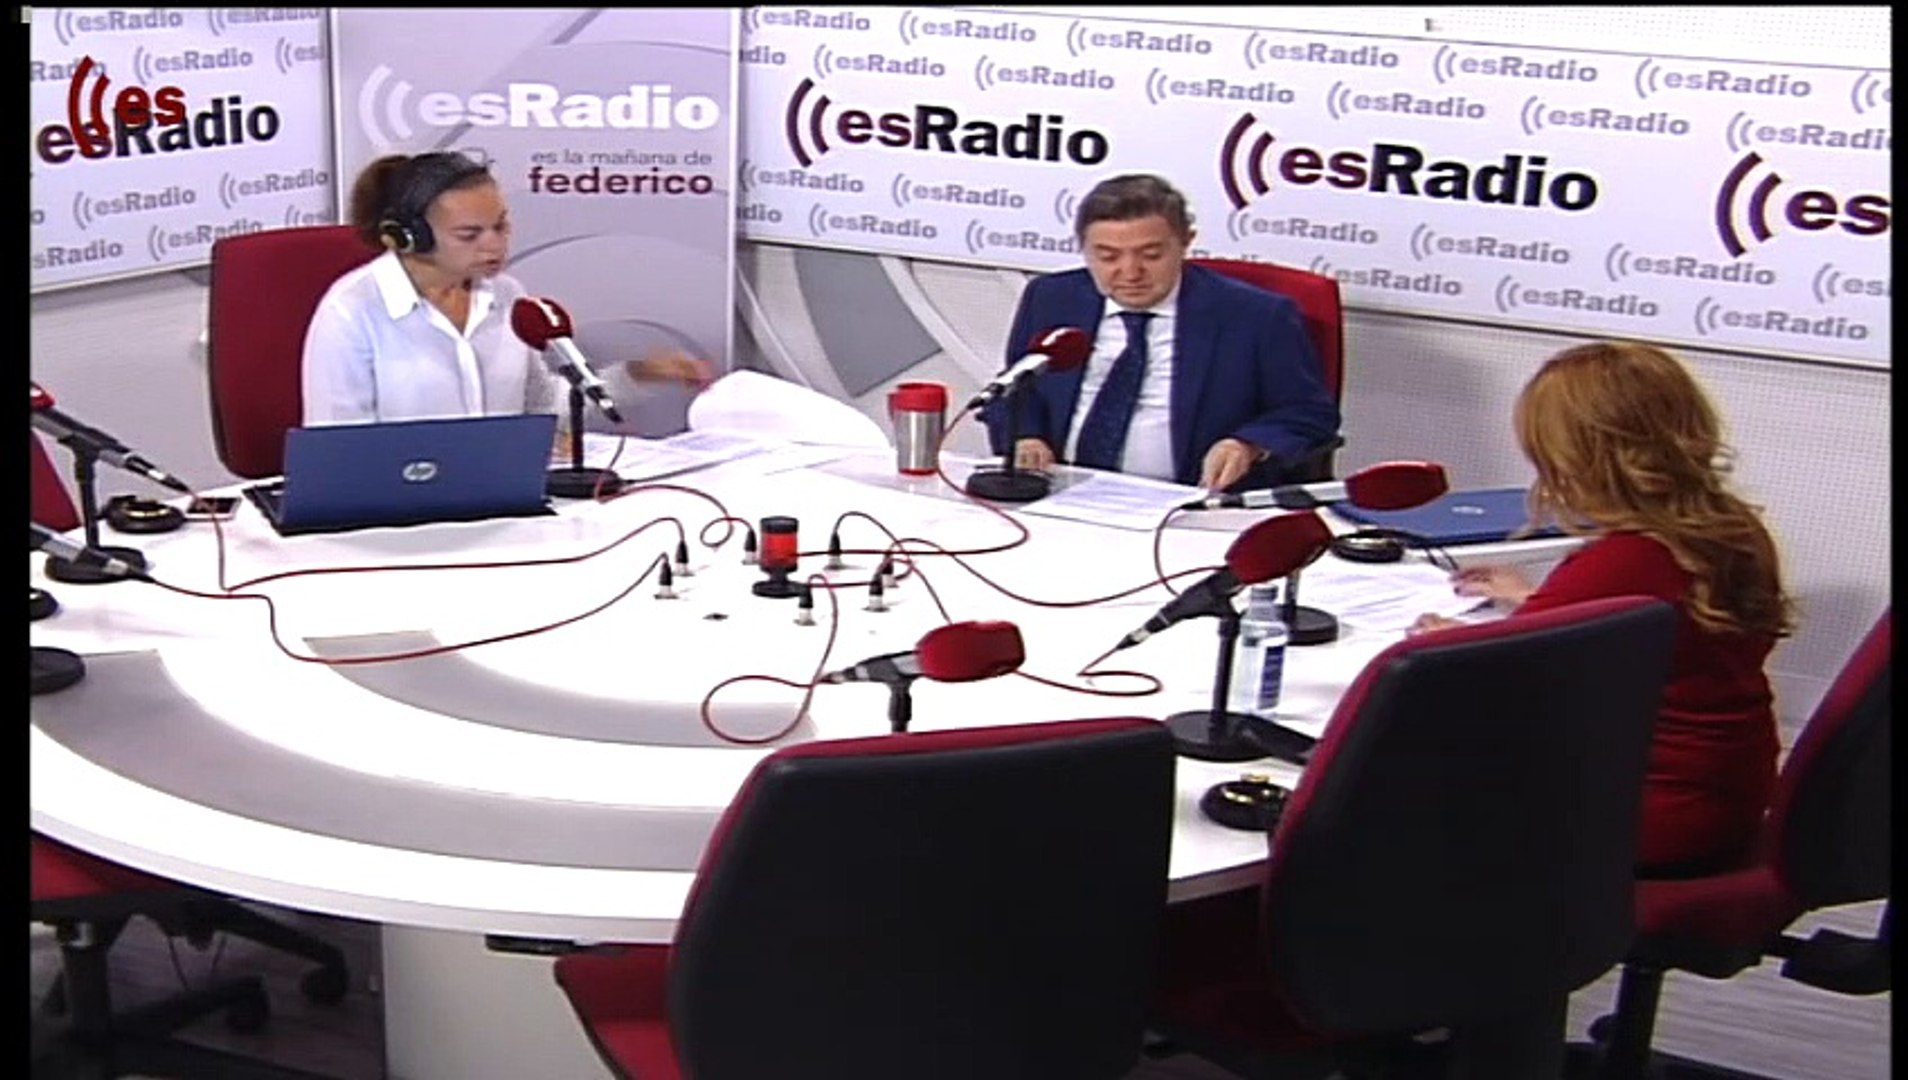 Federico a las 7: Errejón da el salto a la política nacional bajo la protección de Sánchez